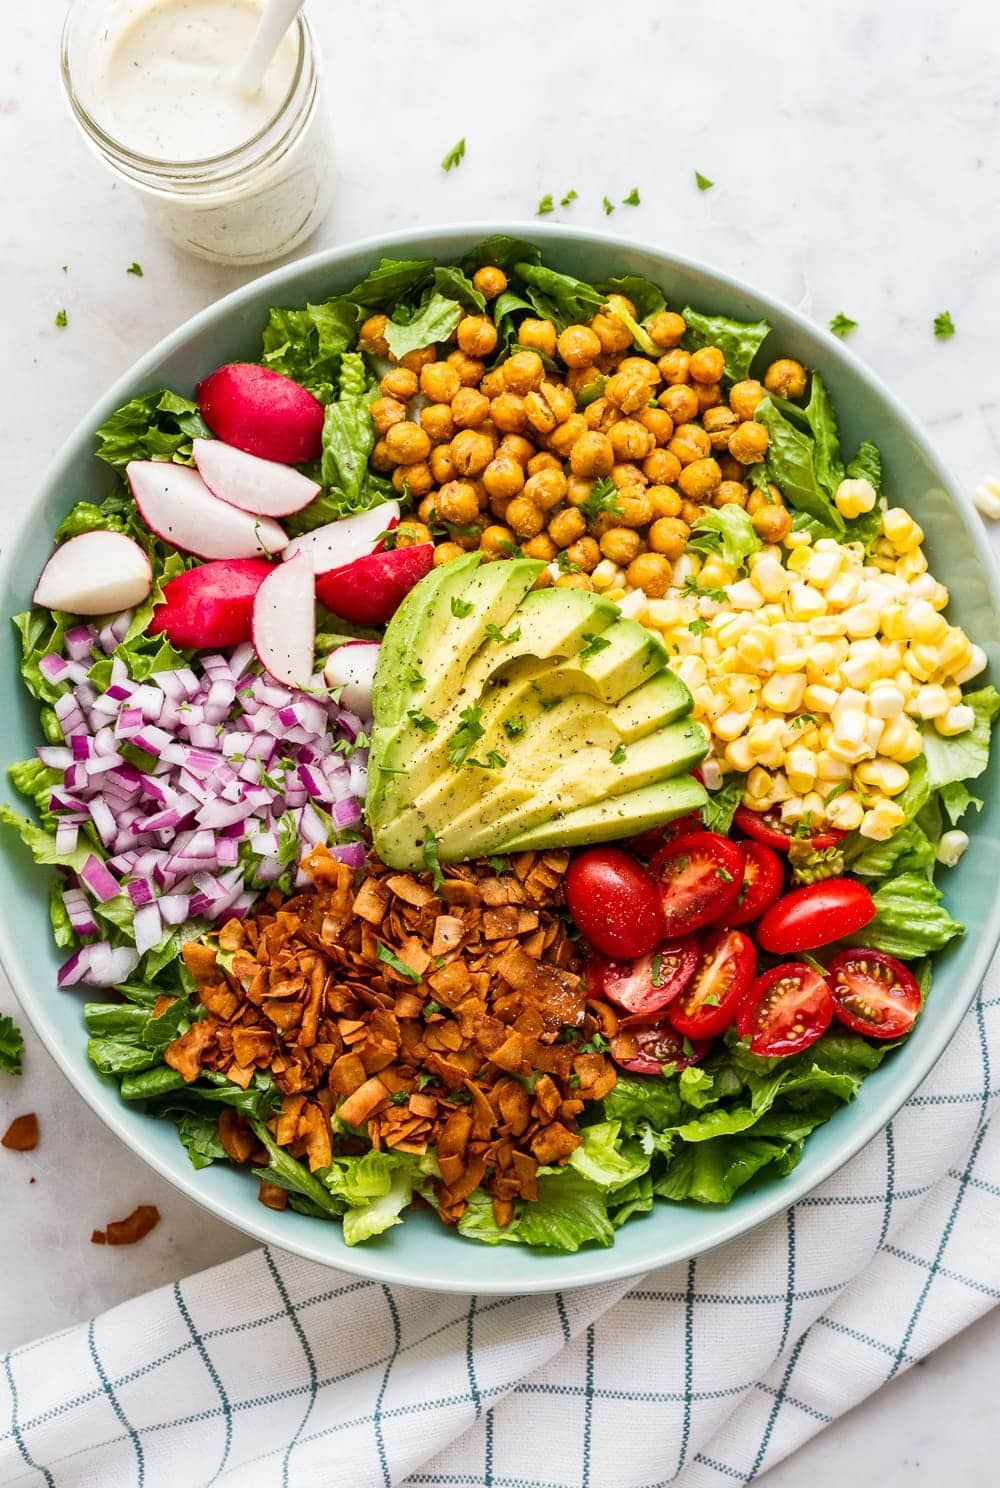 Vegan Cobb Salad - The Simple Veganista